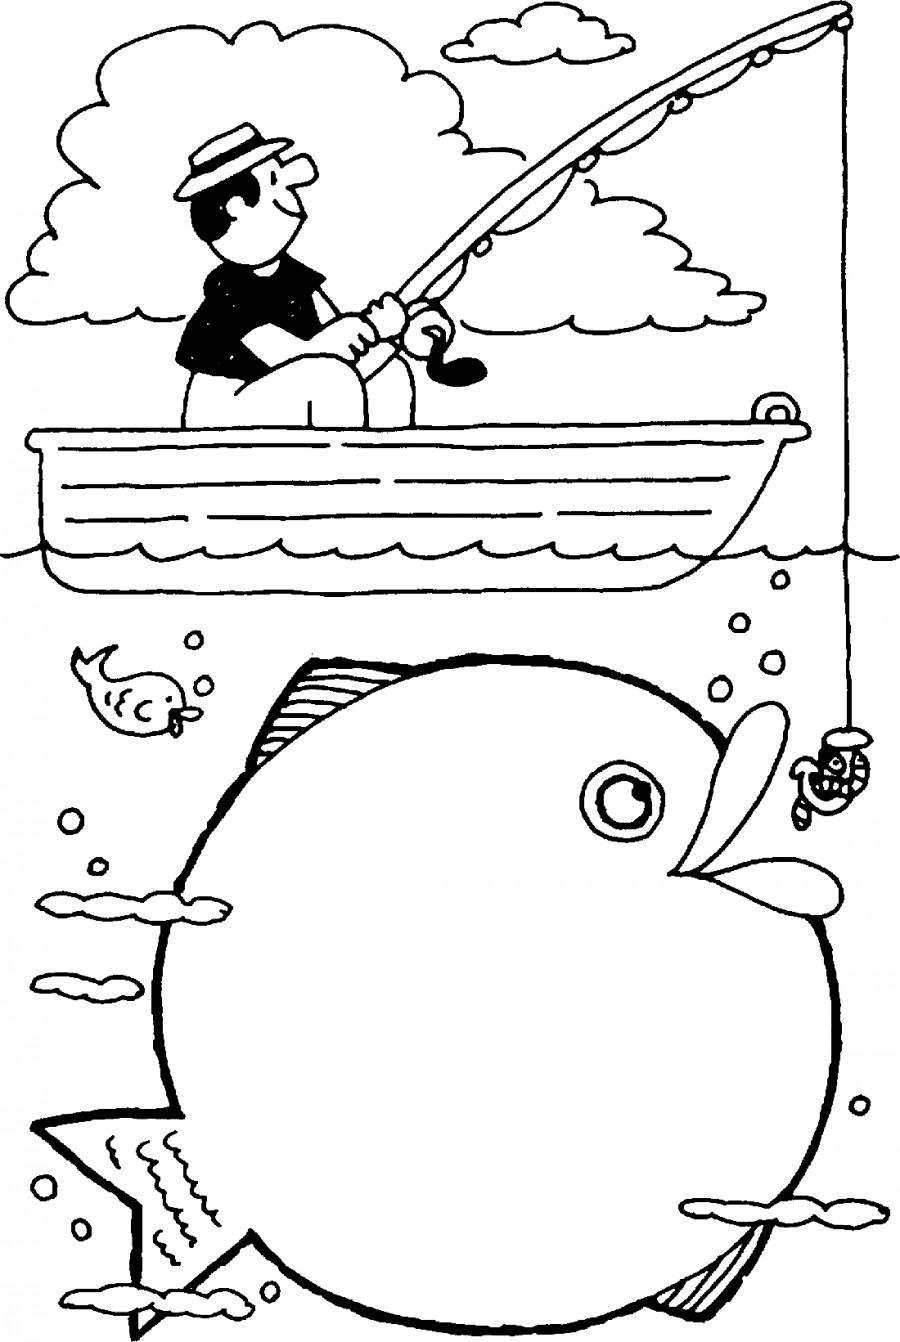 Рыбак в лодке и большая рыба - раскраска №5955 | Printonic.ru